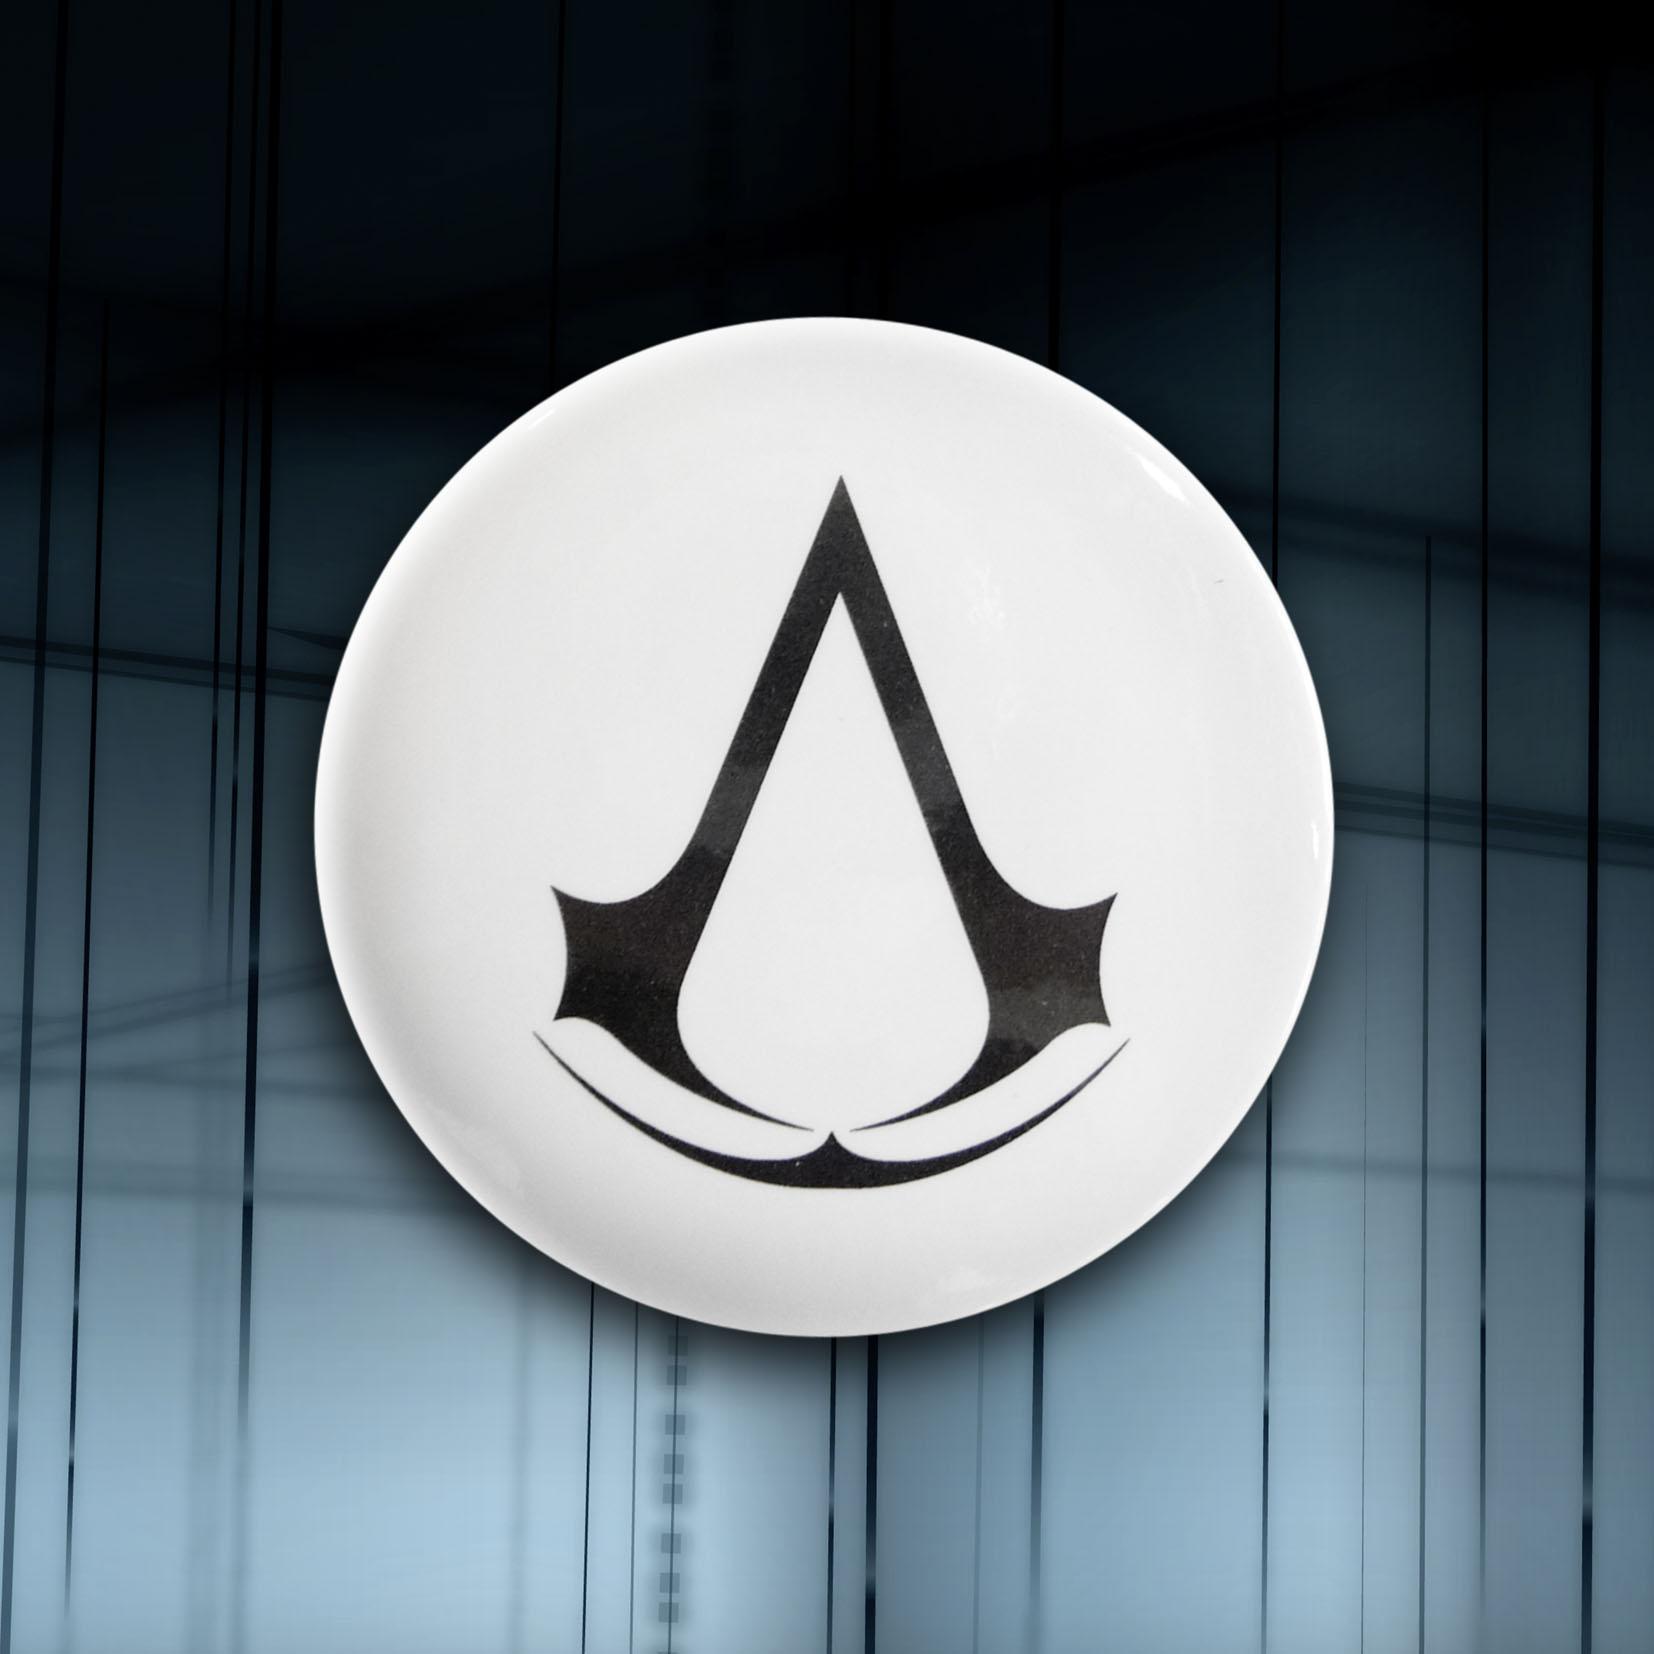 Velká soutěž s Assassin's Creed: Revelations 56148